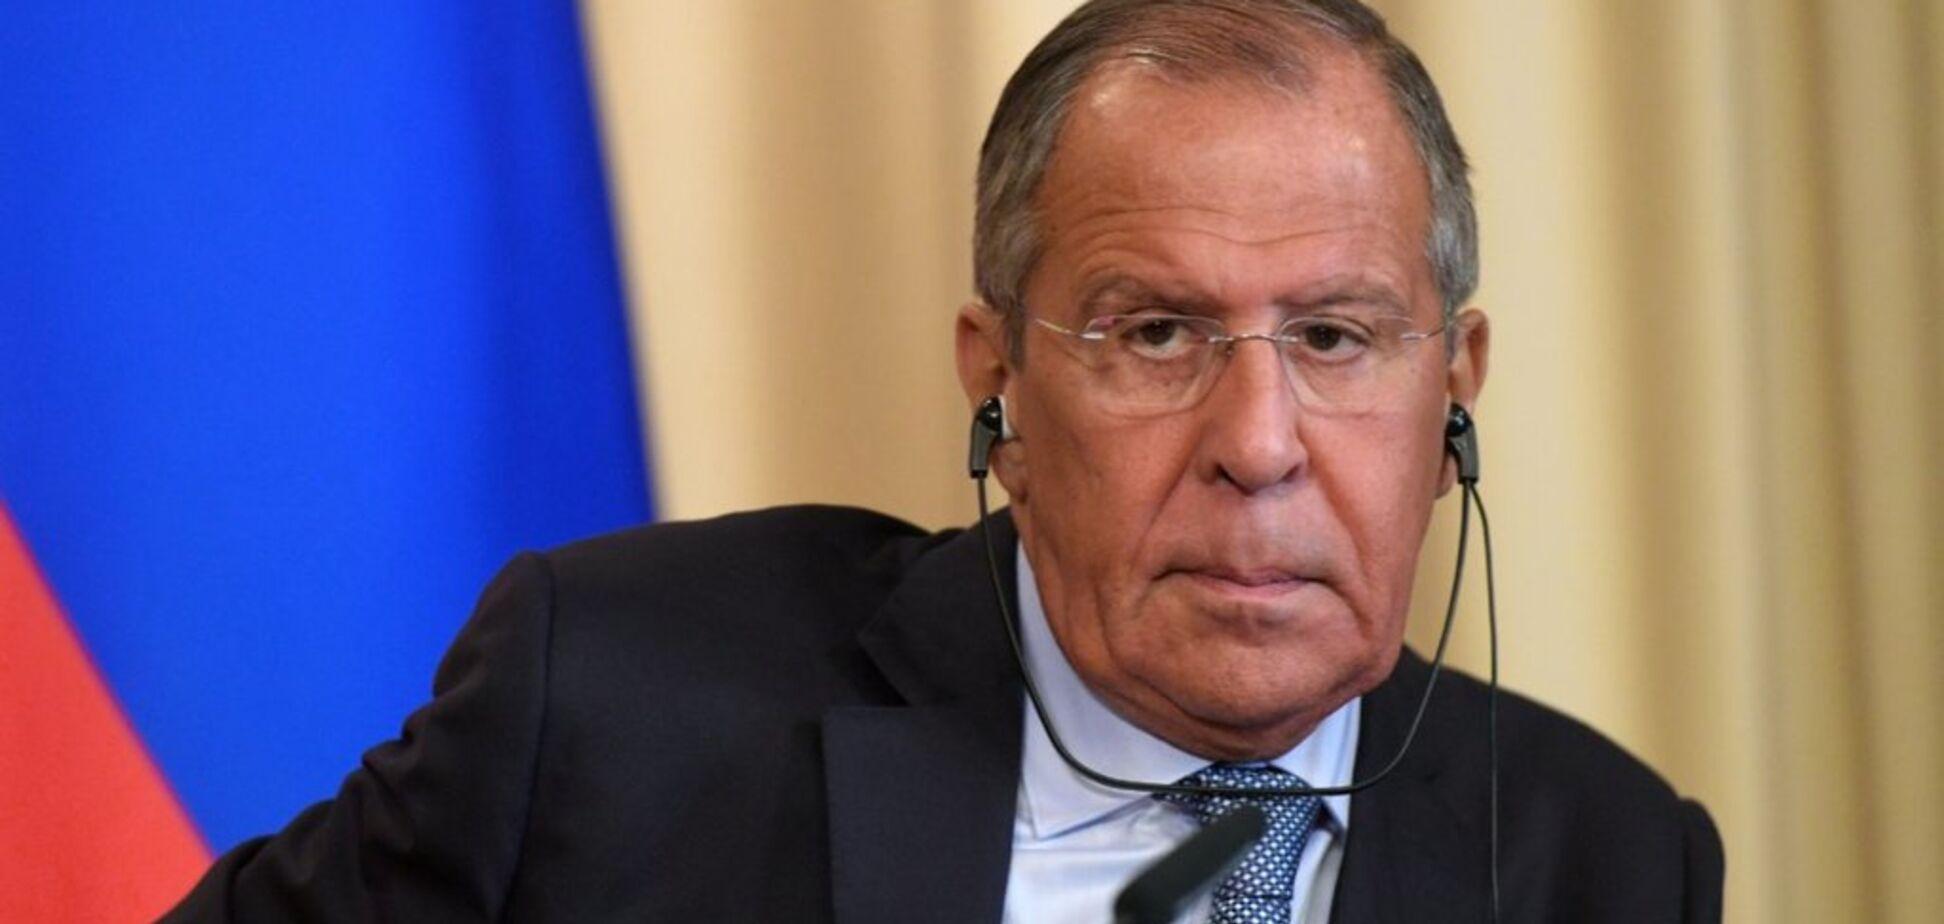 'Россия украинцев не бросит!' Лавров отличился угрожающим обещанием